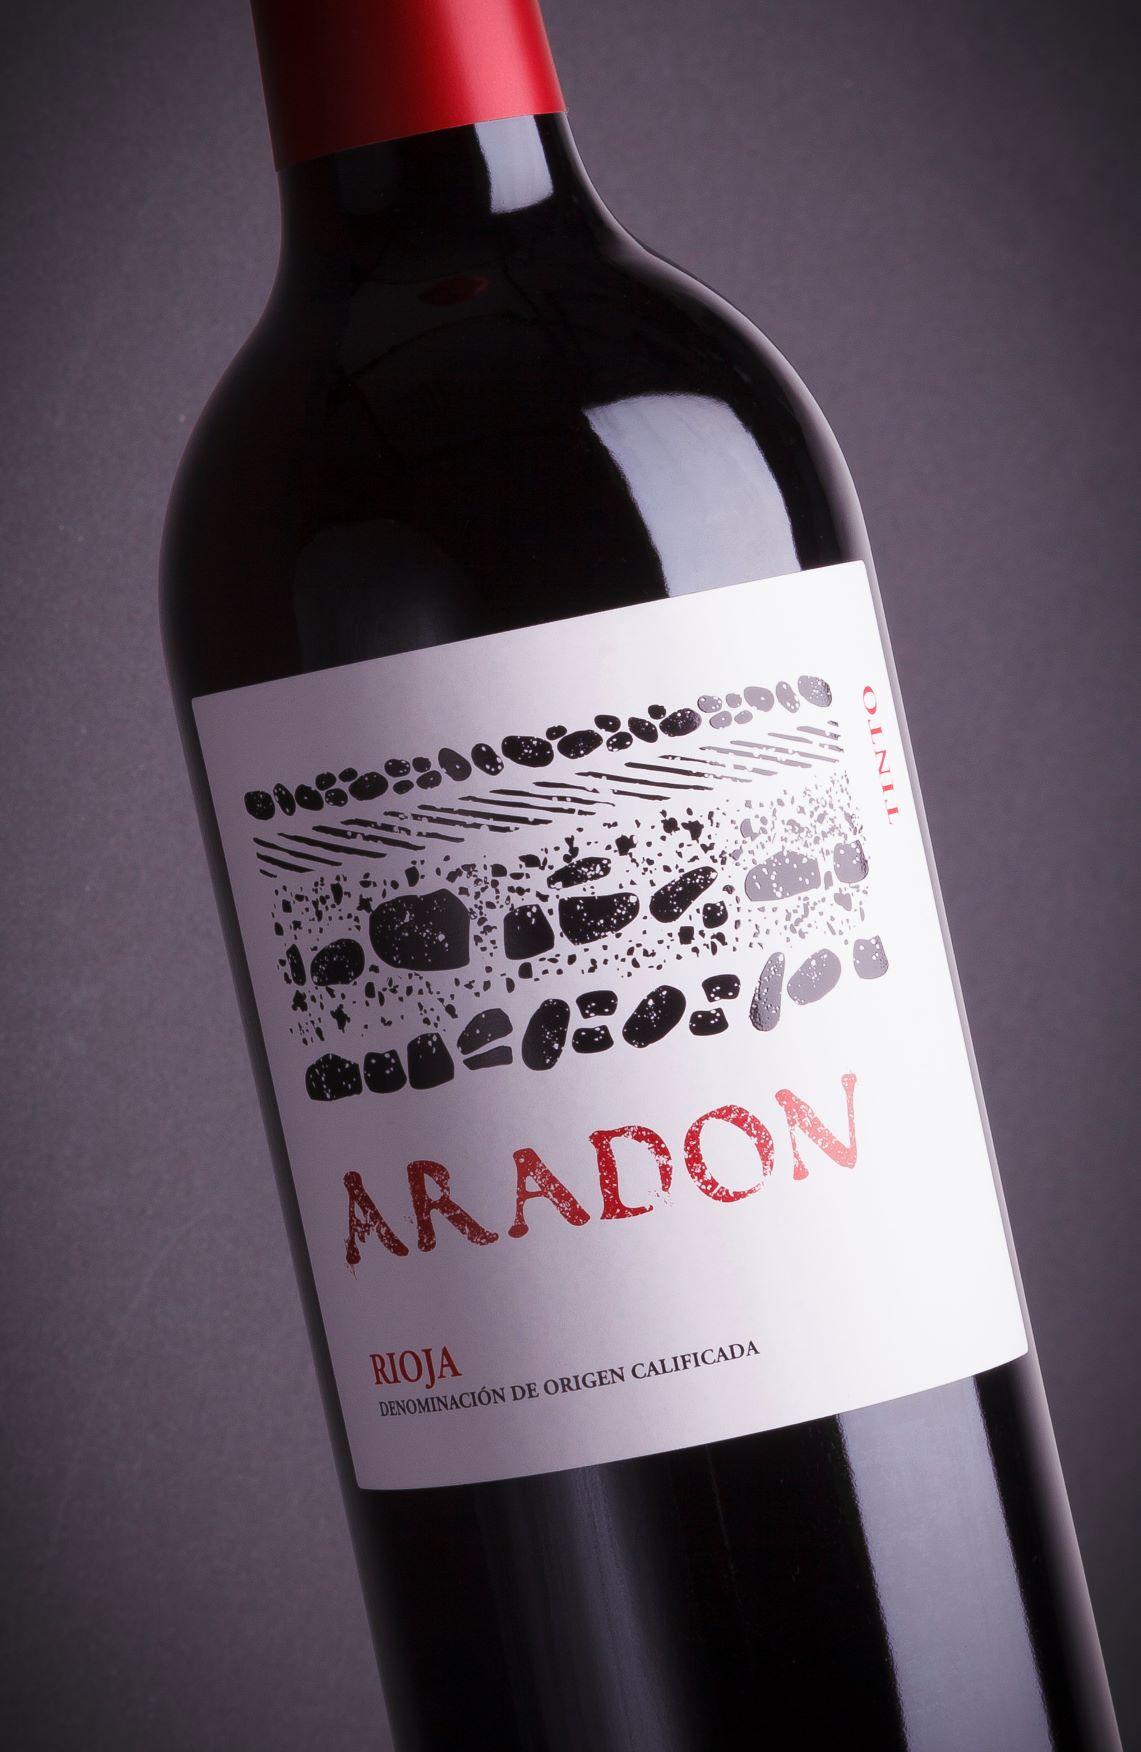 Aradon Tinto